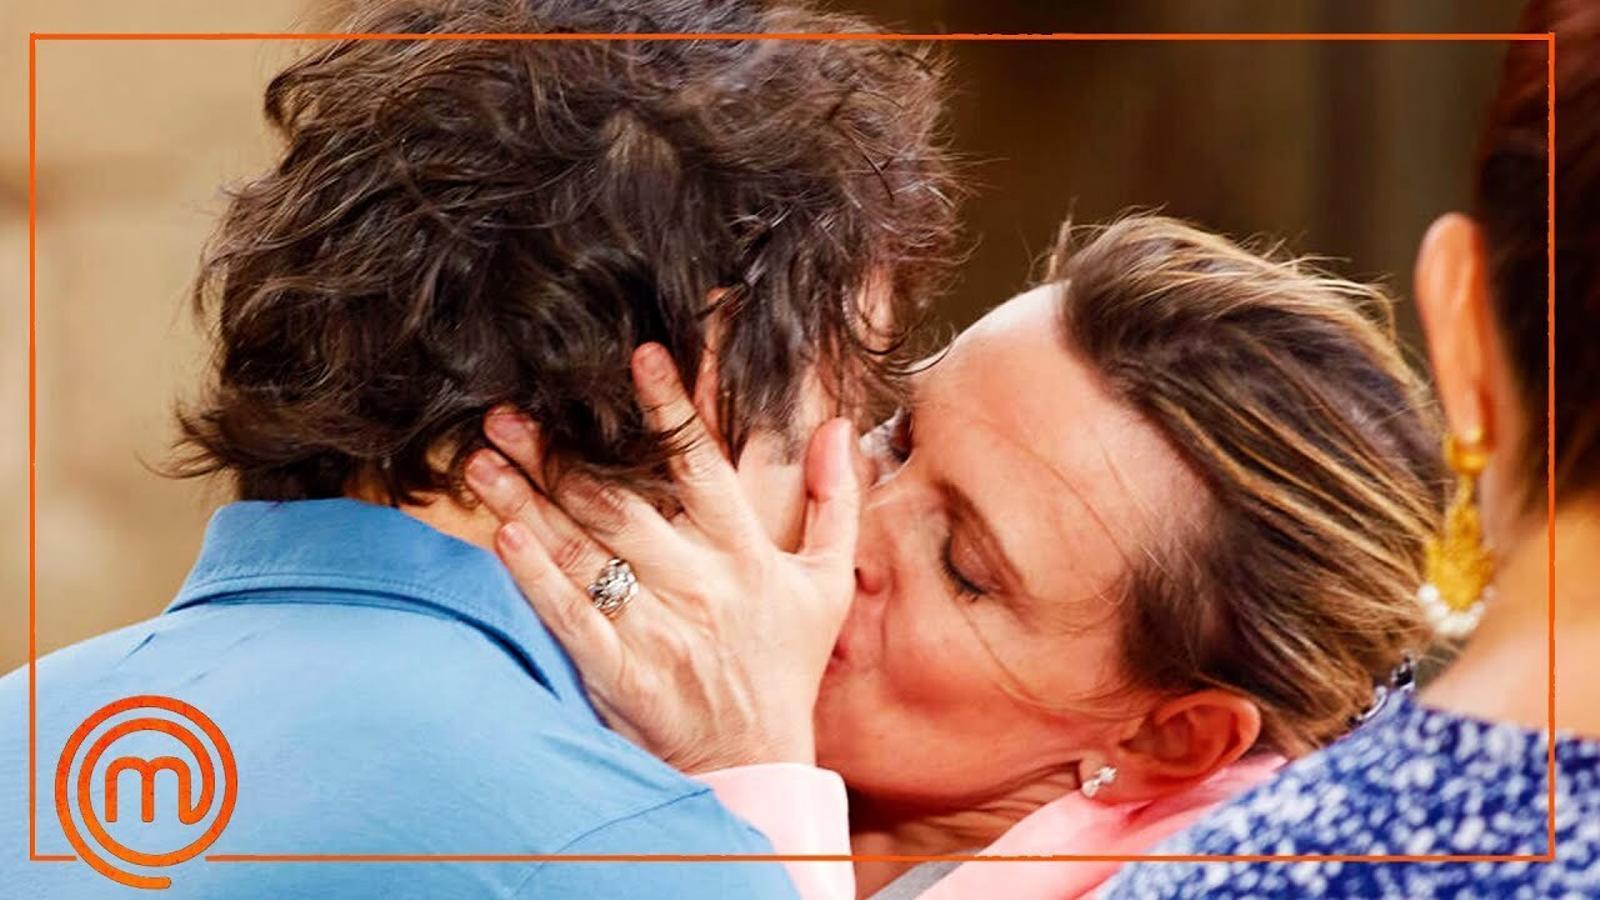 El moment en què Flo persegueix Pepe Rodríguez per fer-li un petó